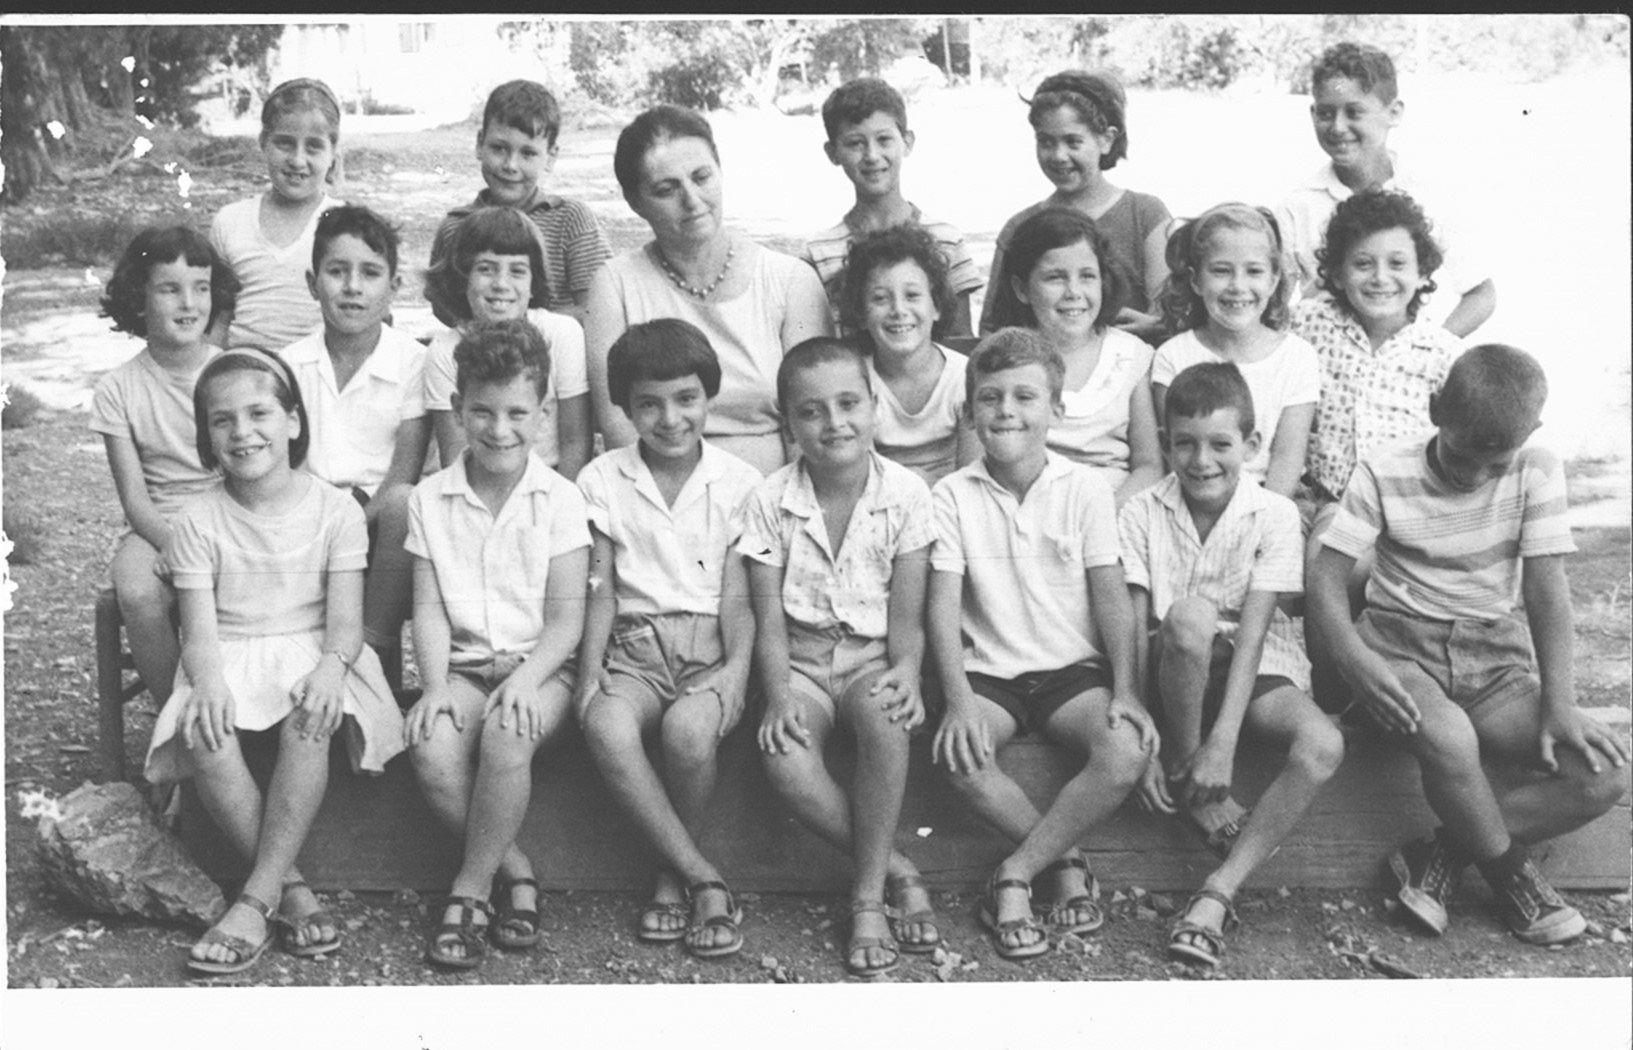 כתה ב 1964 המורה עדינה לינציצקי